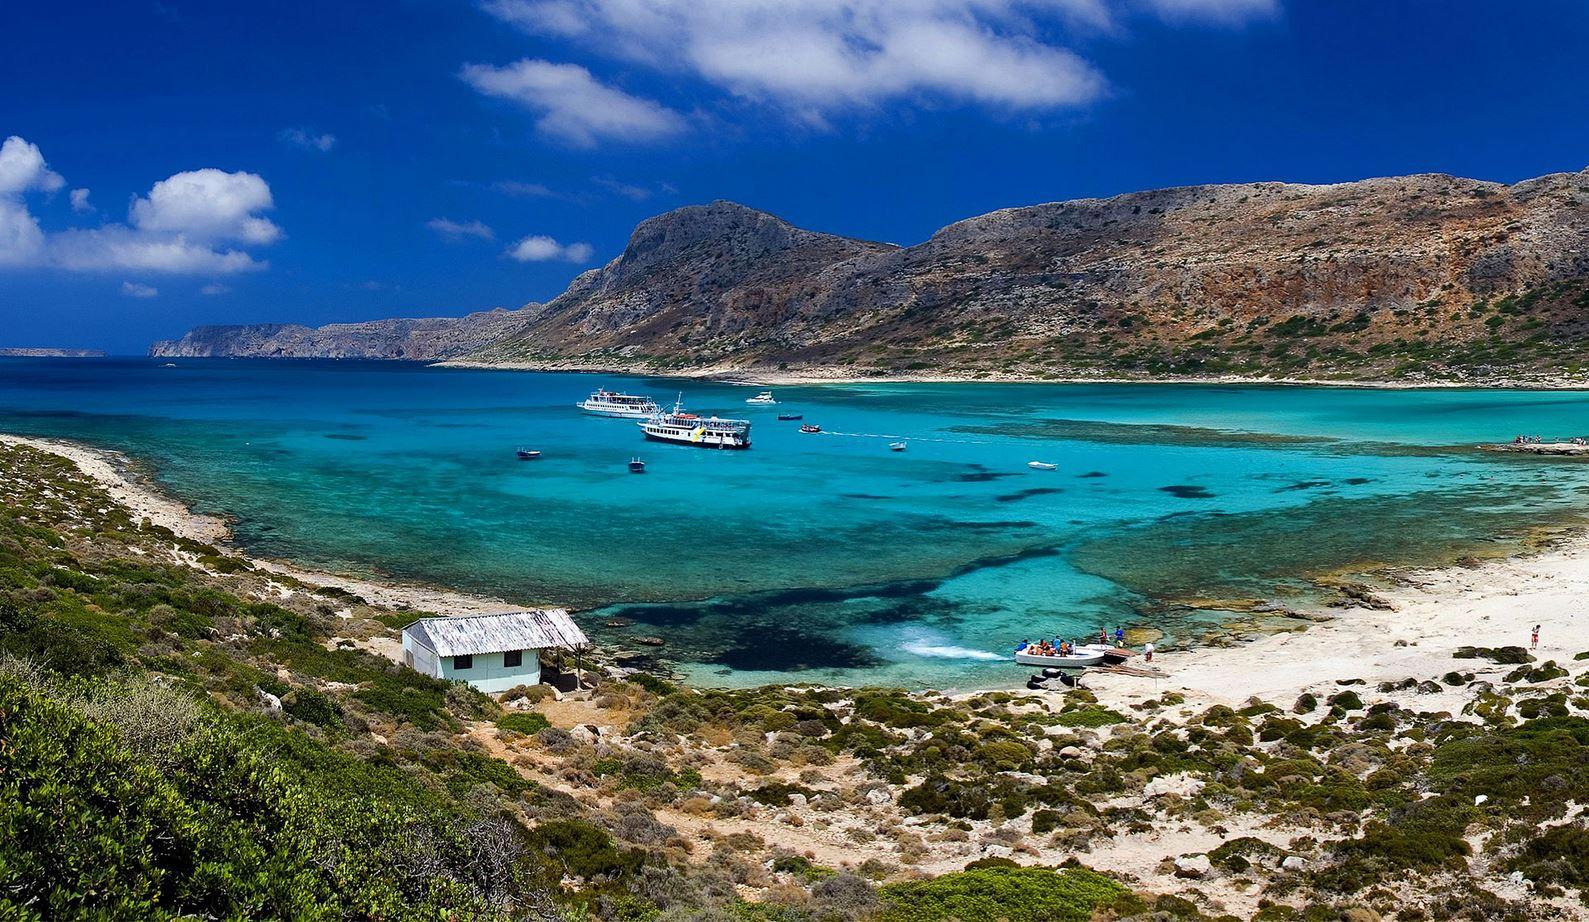 希腊蜜月游—克里特岛